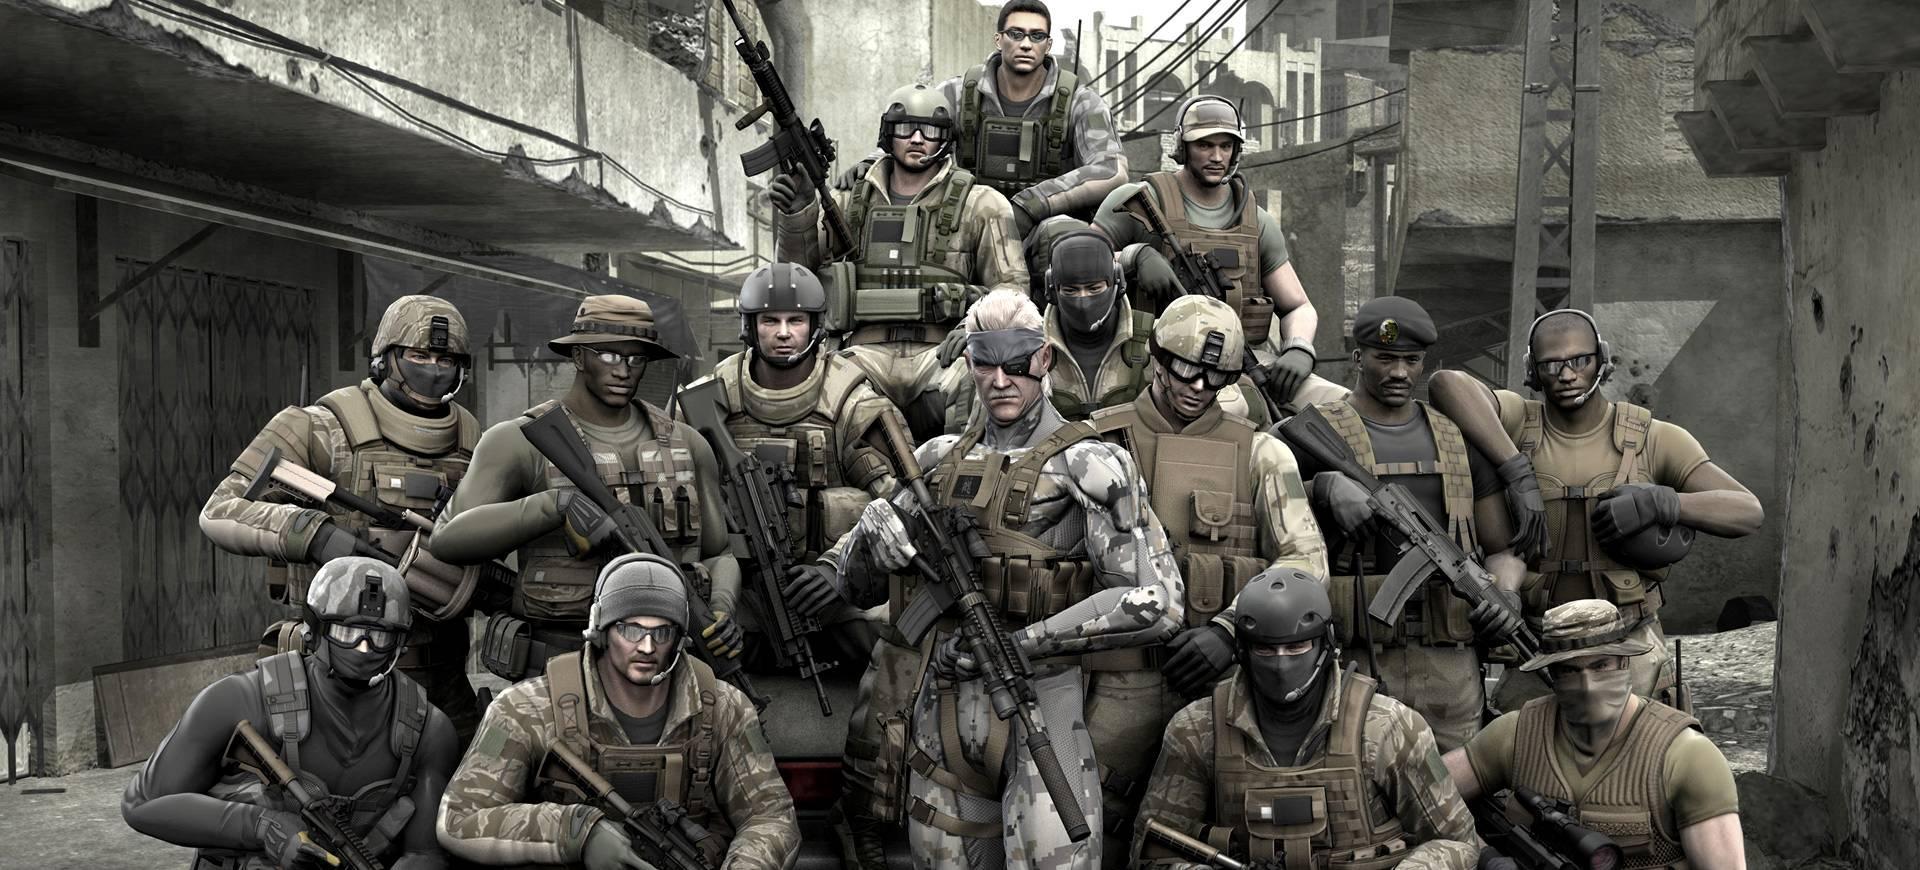 """Biên niên sử """"Metal Gear"""" - Kỳ II"""